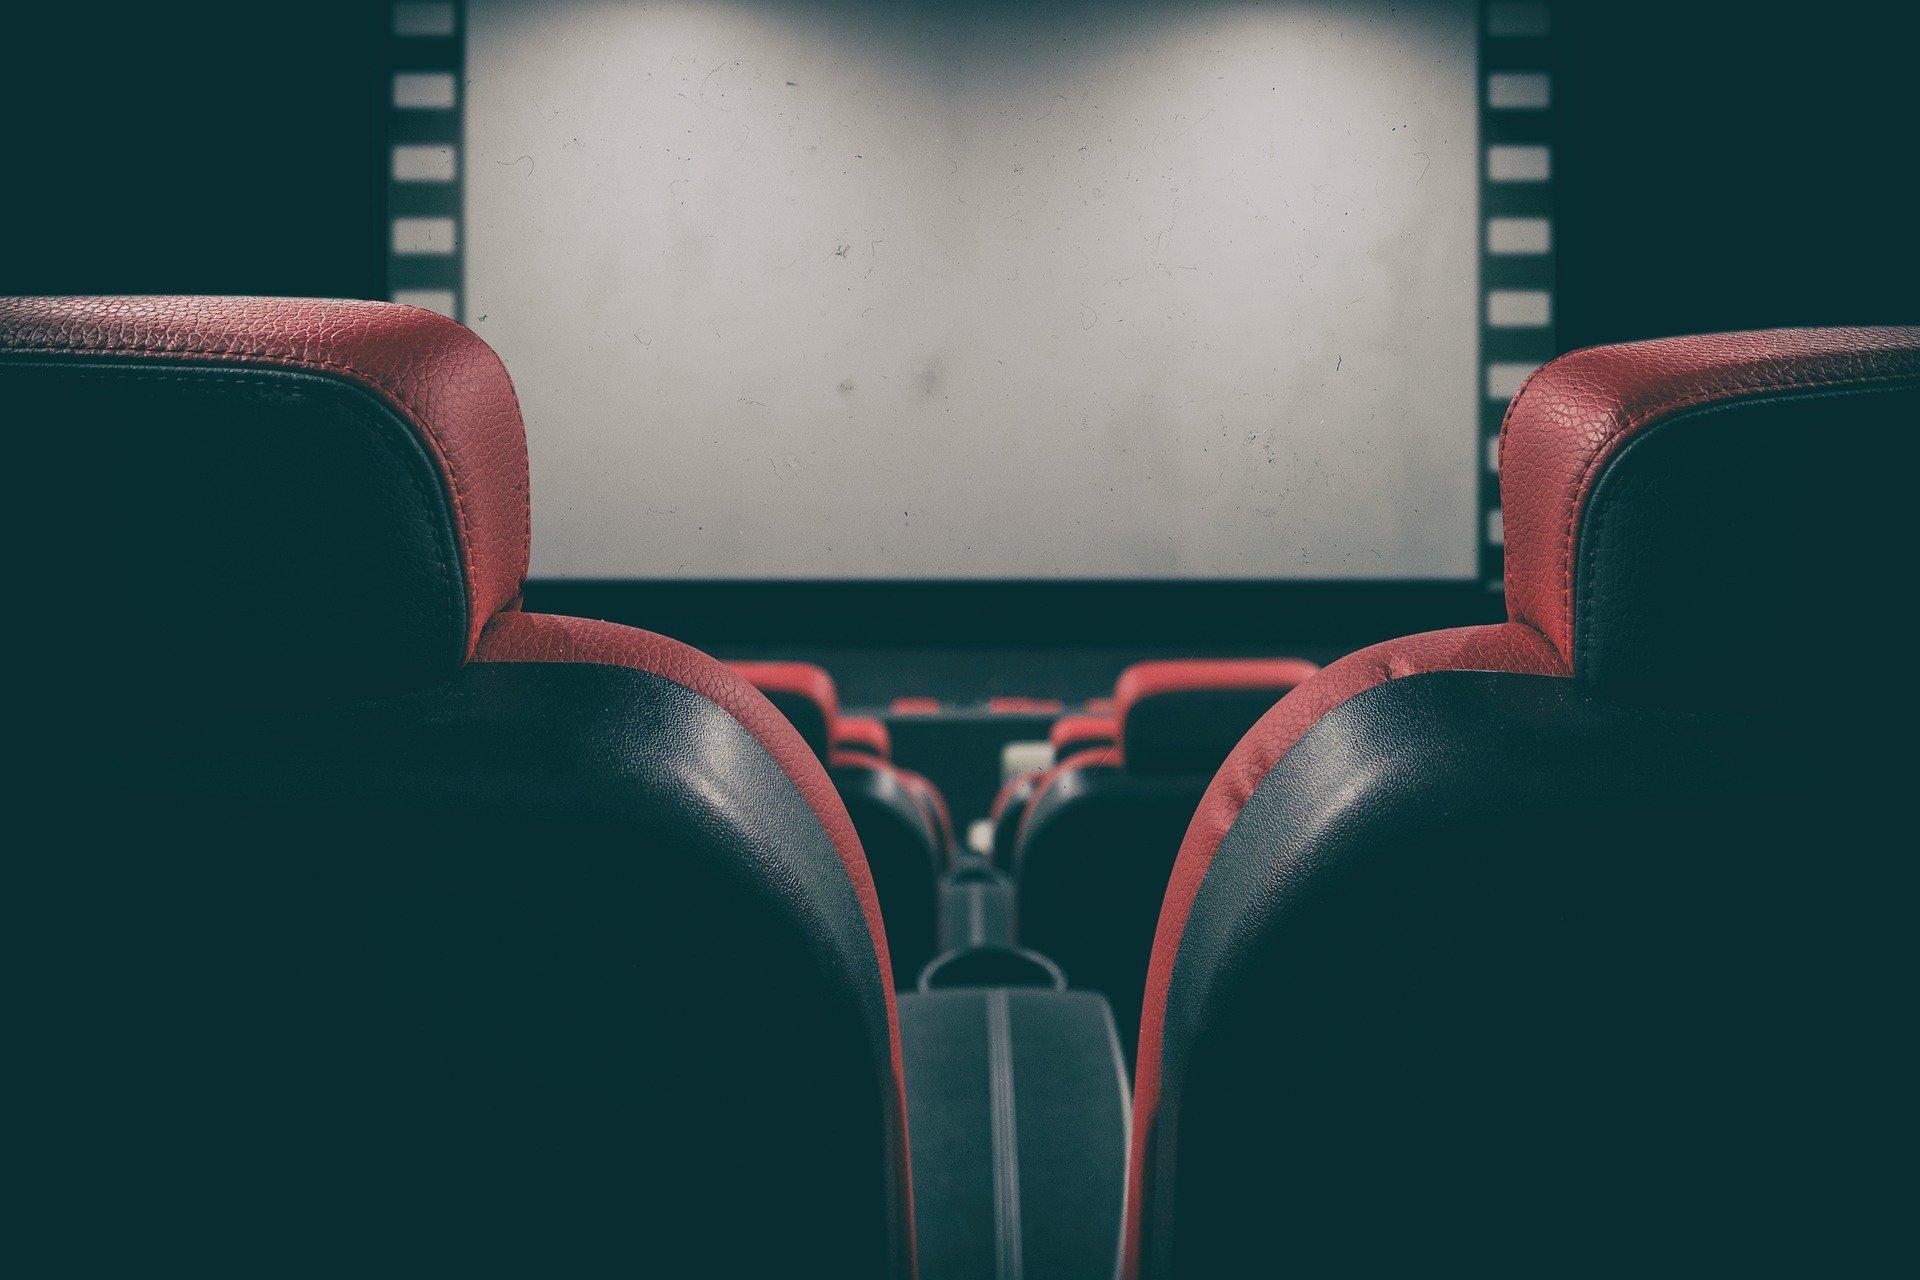 Как будут работать кинотеатры в условиях пандемии